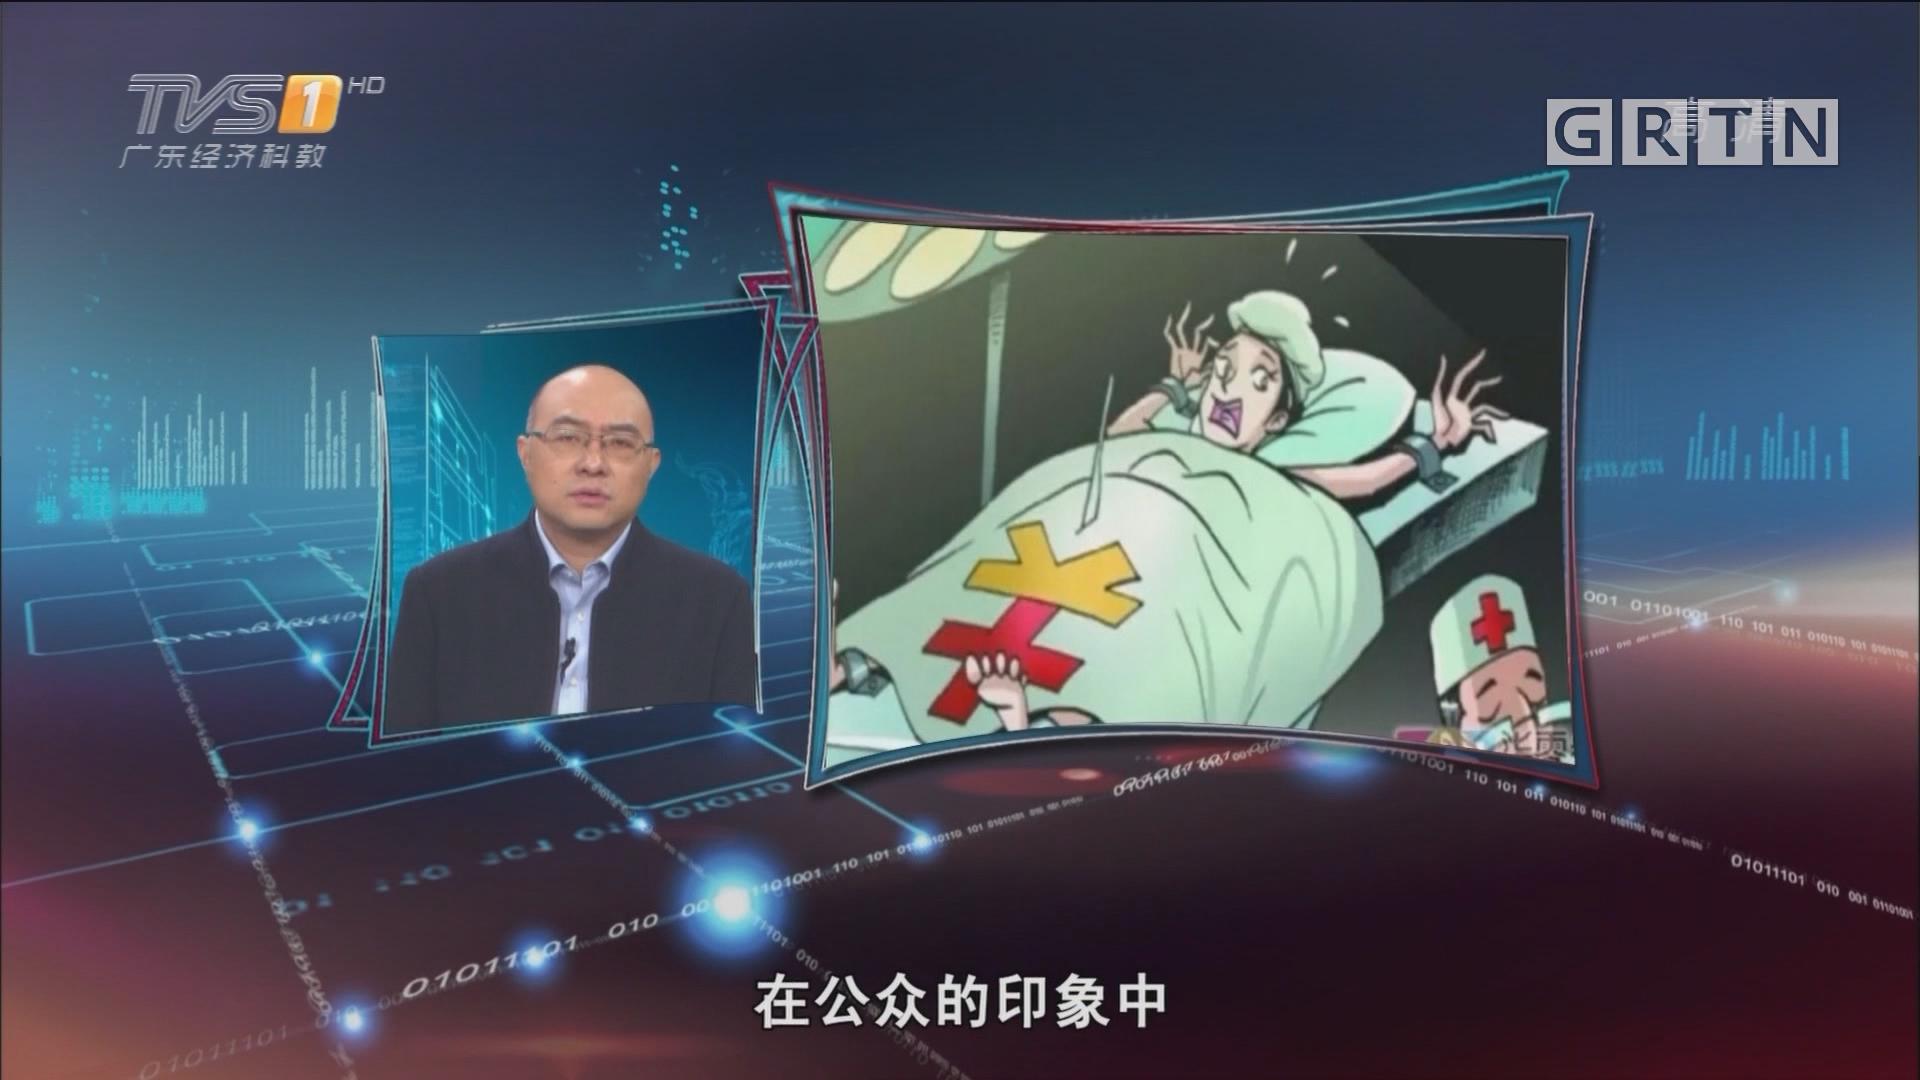 [HD][2018-12-11]马后炮:整顿手术台上加价收费连环套 执法不妨祭出组合拳